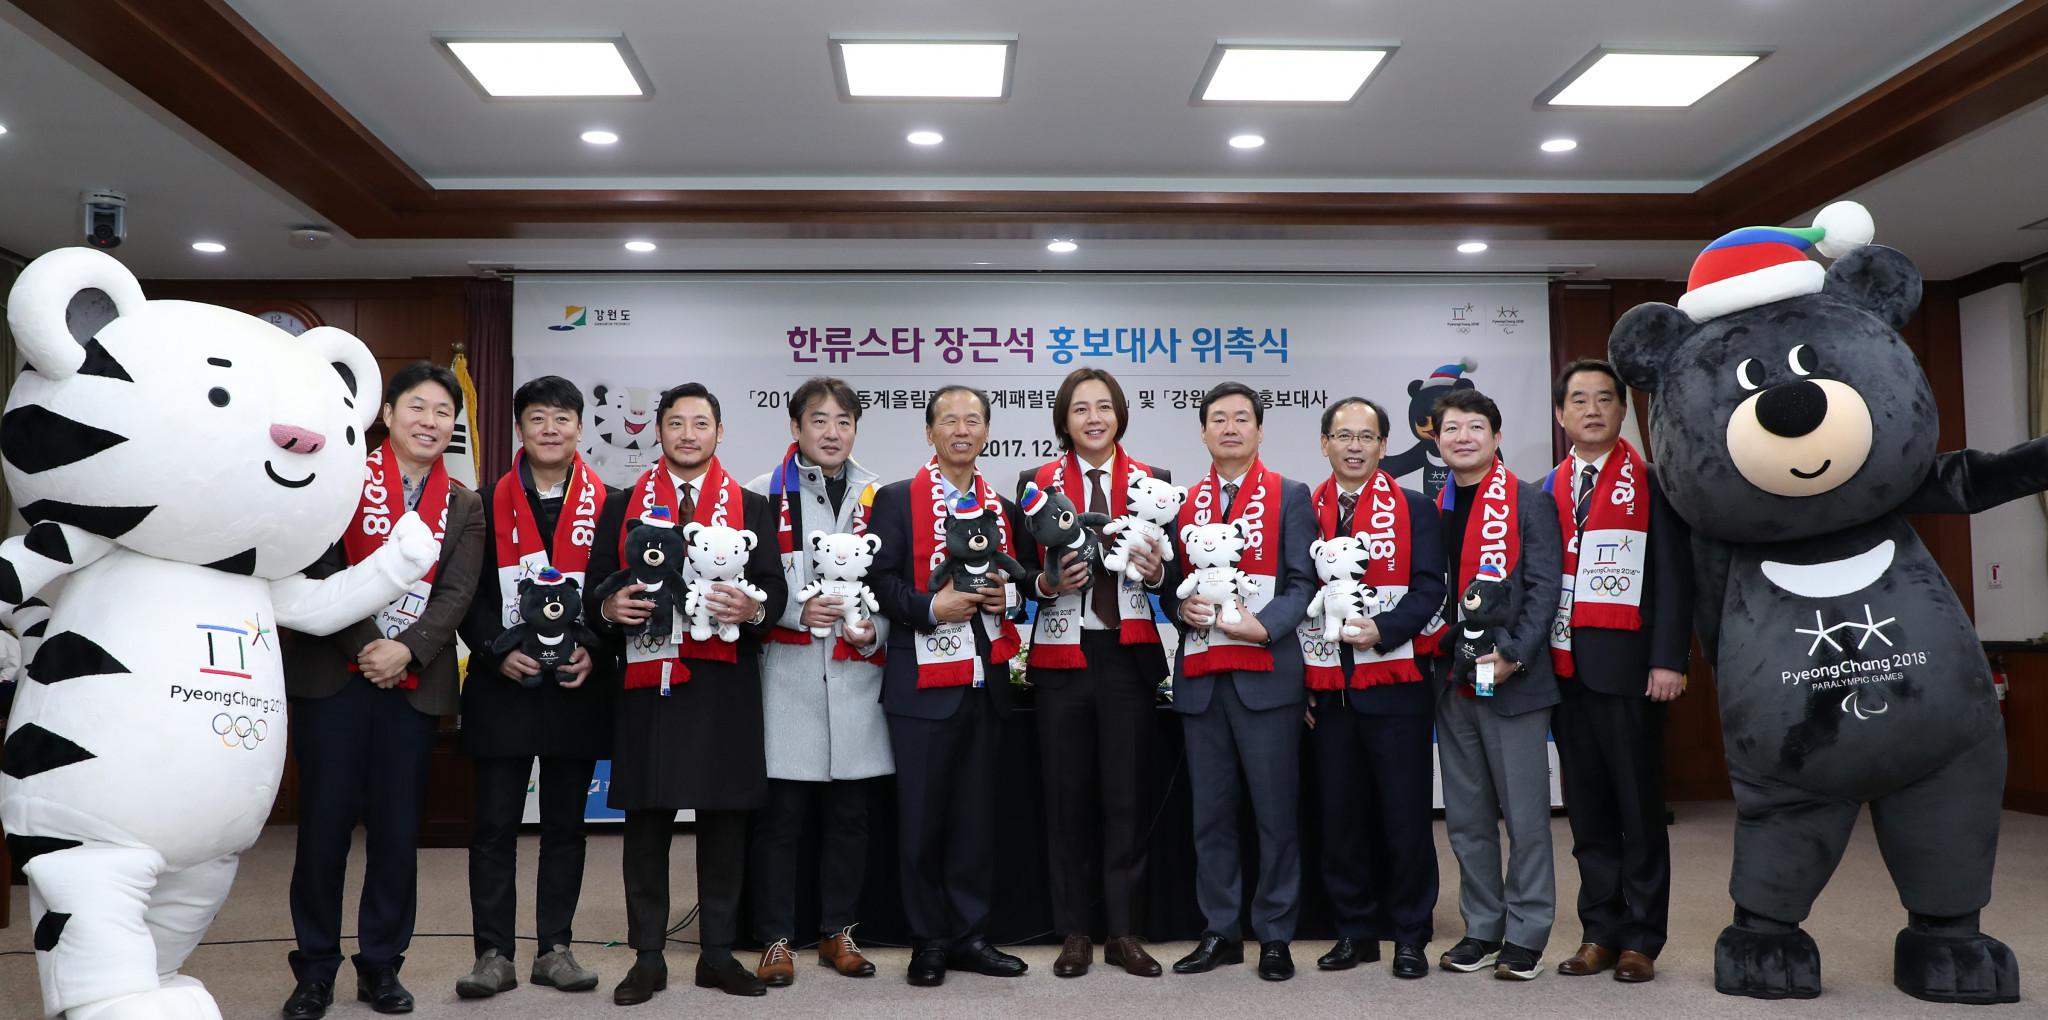 Jang Keun-suk, centre, plans to use concerts in Japan next month to help promote Pyeongchang 2018 ©Pyeongchang 2018